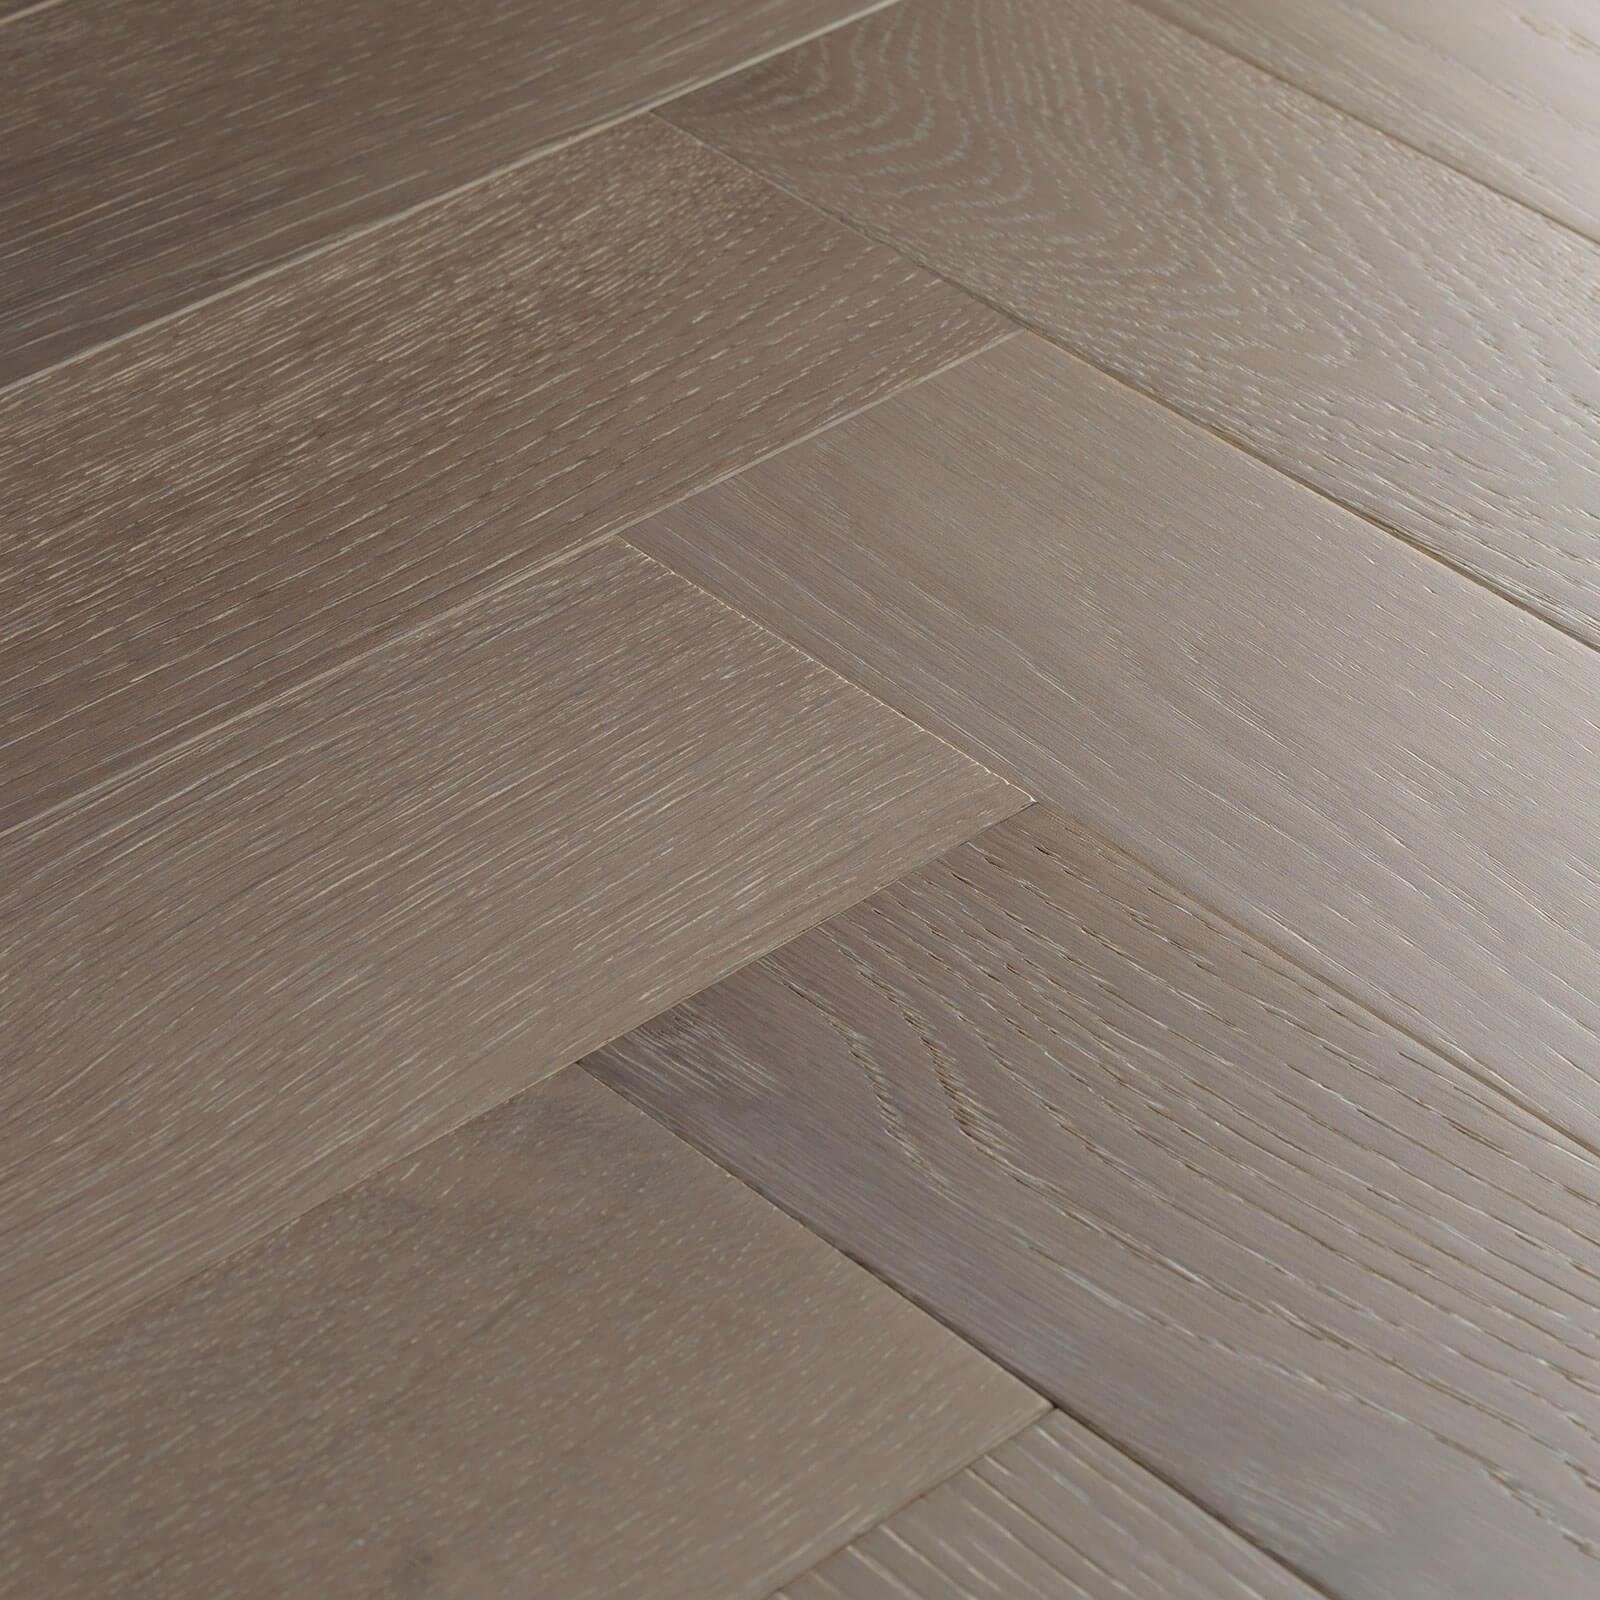 Feather Oak Goodrich Woodpecker Flooring